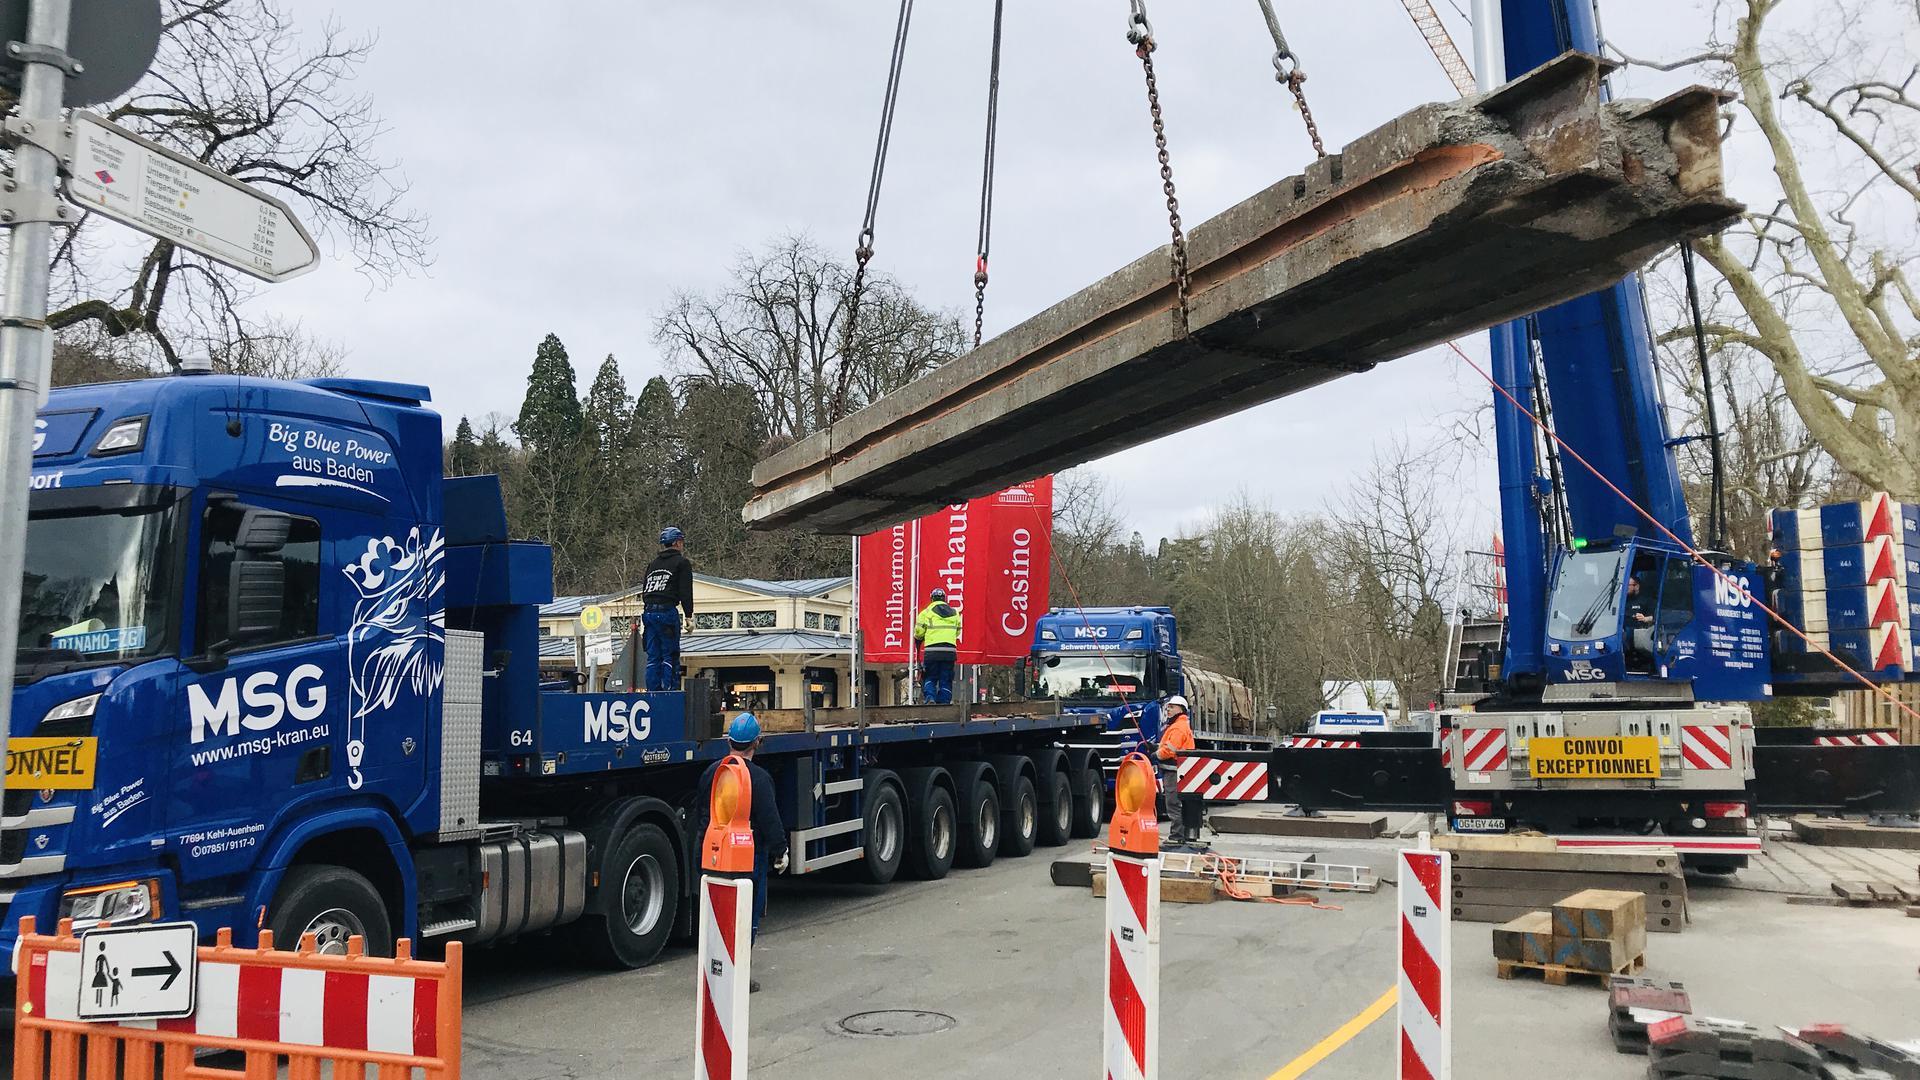 Starkes Teil: Ein 300-Tonnen-Kran hievt in Baden-Baden ein 40 Tonnen schweres Teil der Fieserbrücke auf einen Tieflader.